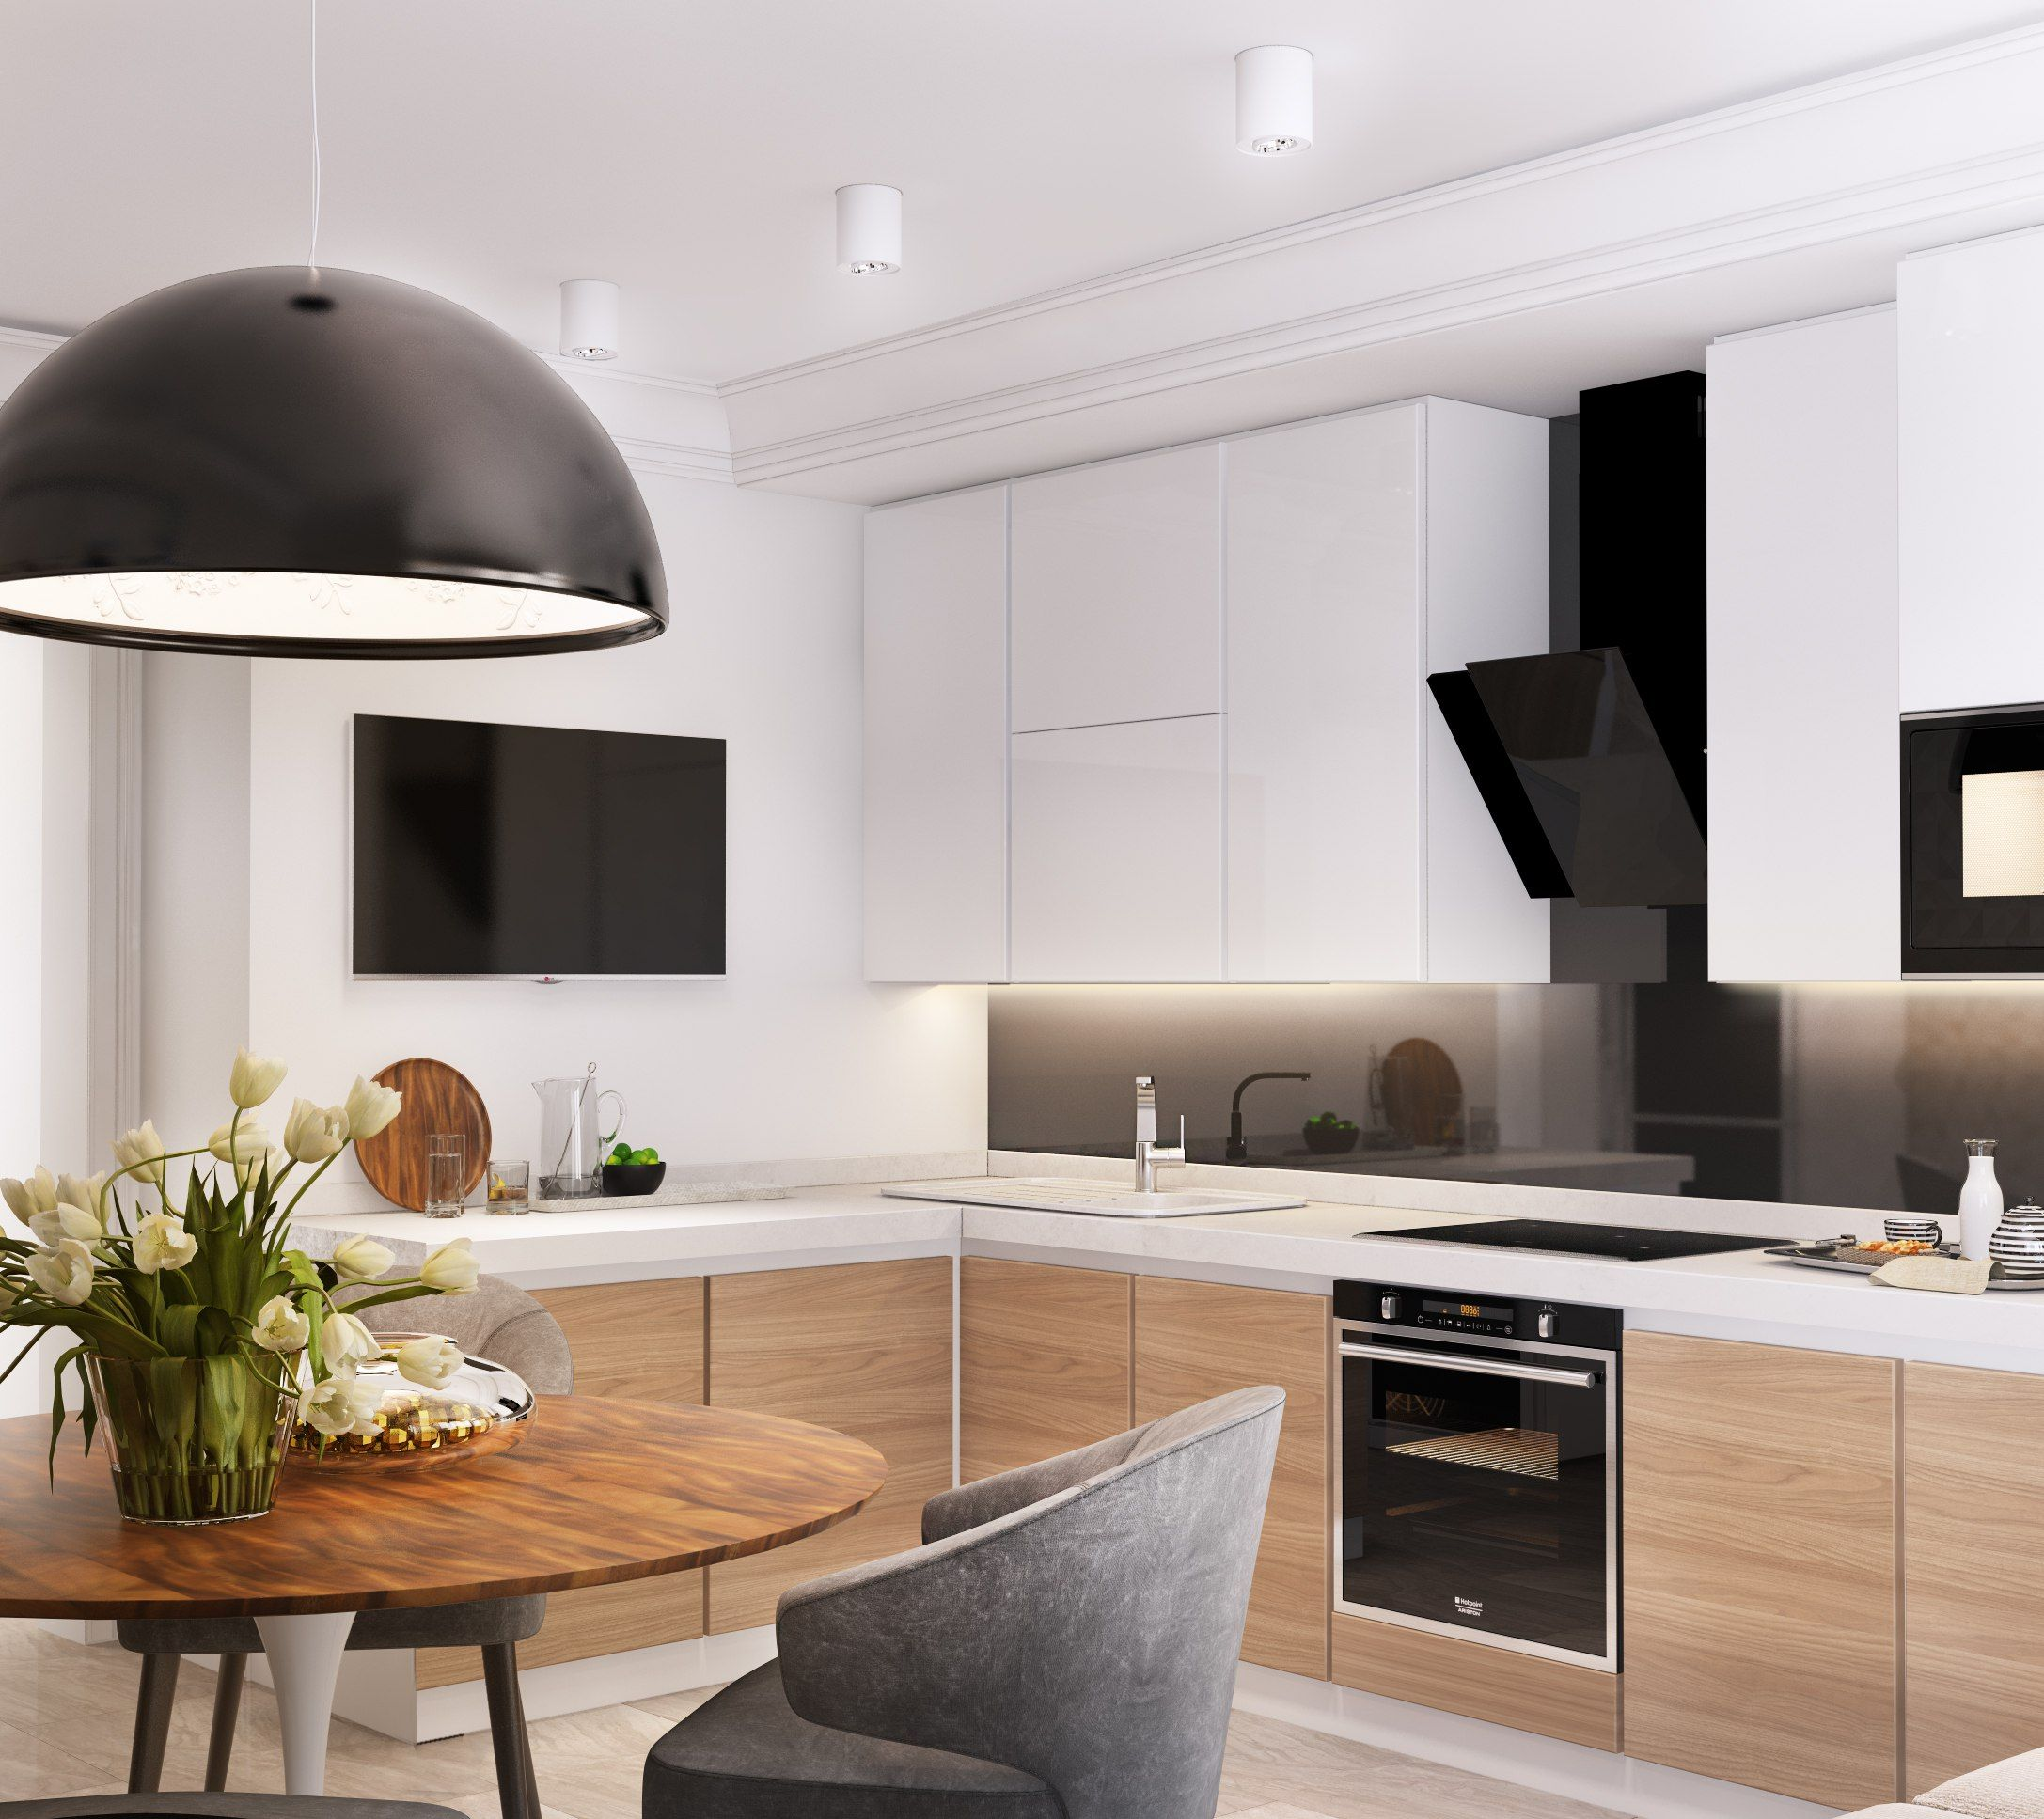 Kleine Küche In L Form In Weiß, Schwarz Und Holz | Küche | Pinterest |  Kitchens, Townhouse And Interiors